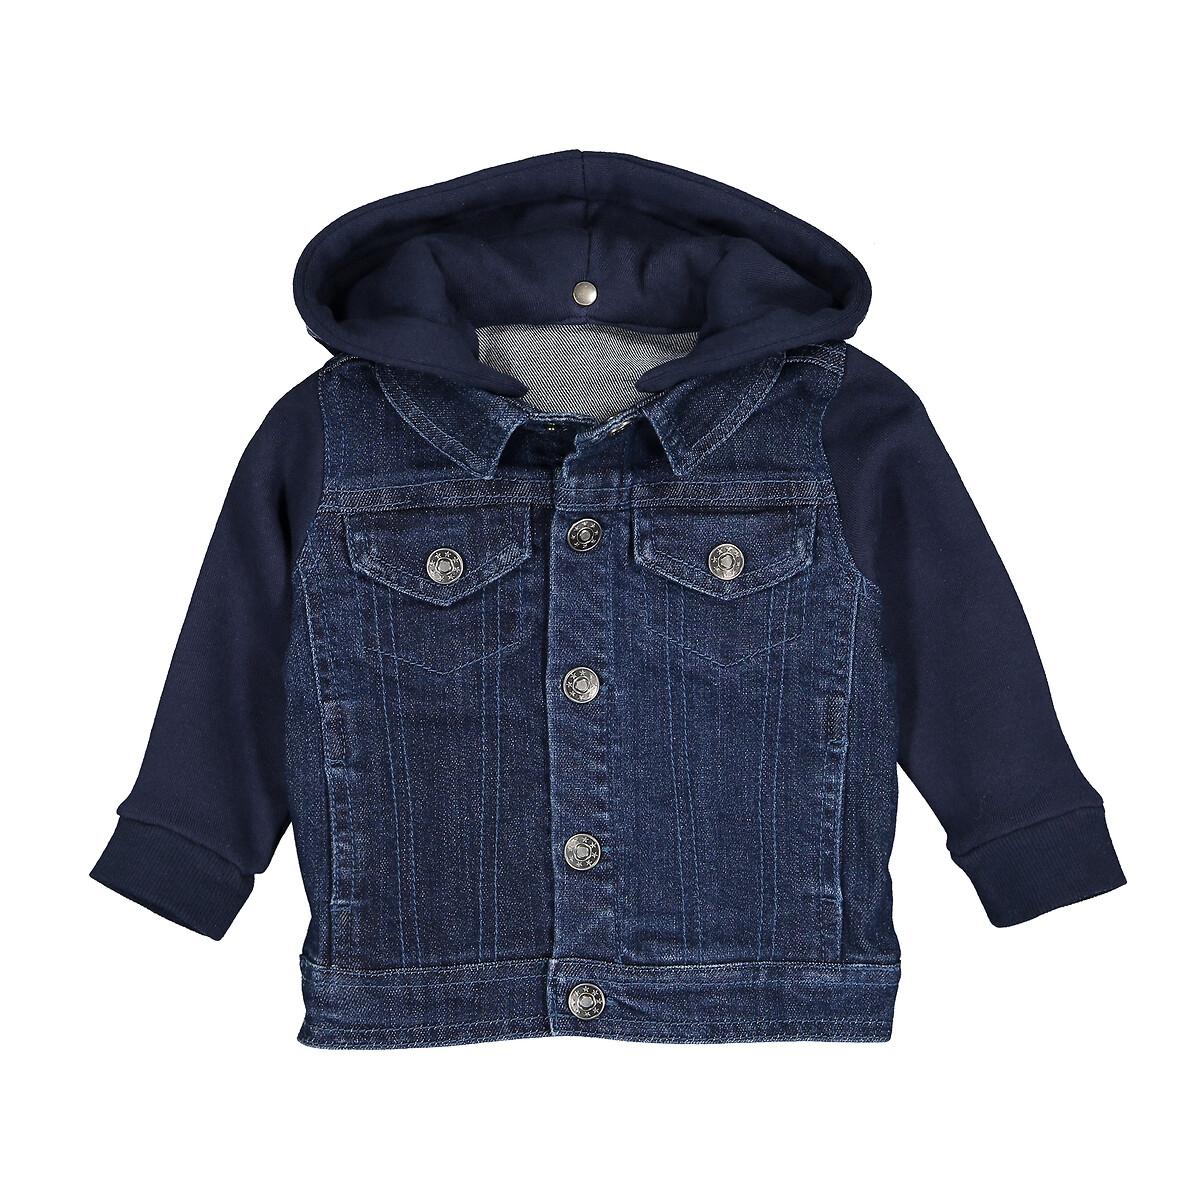 Куртка LaRedoute Джинсовая из мольтона с капюшоном 3 мес-3 лет 9 мес. - 71 см синий брюки laredoute из мольтона с бантом 1 мес 3 года 9 мес 71 см розовый